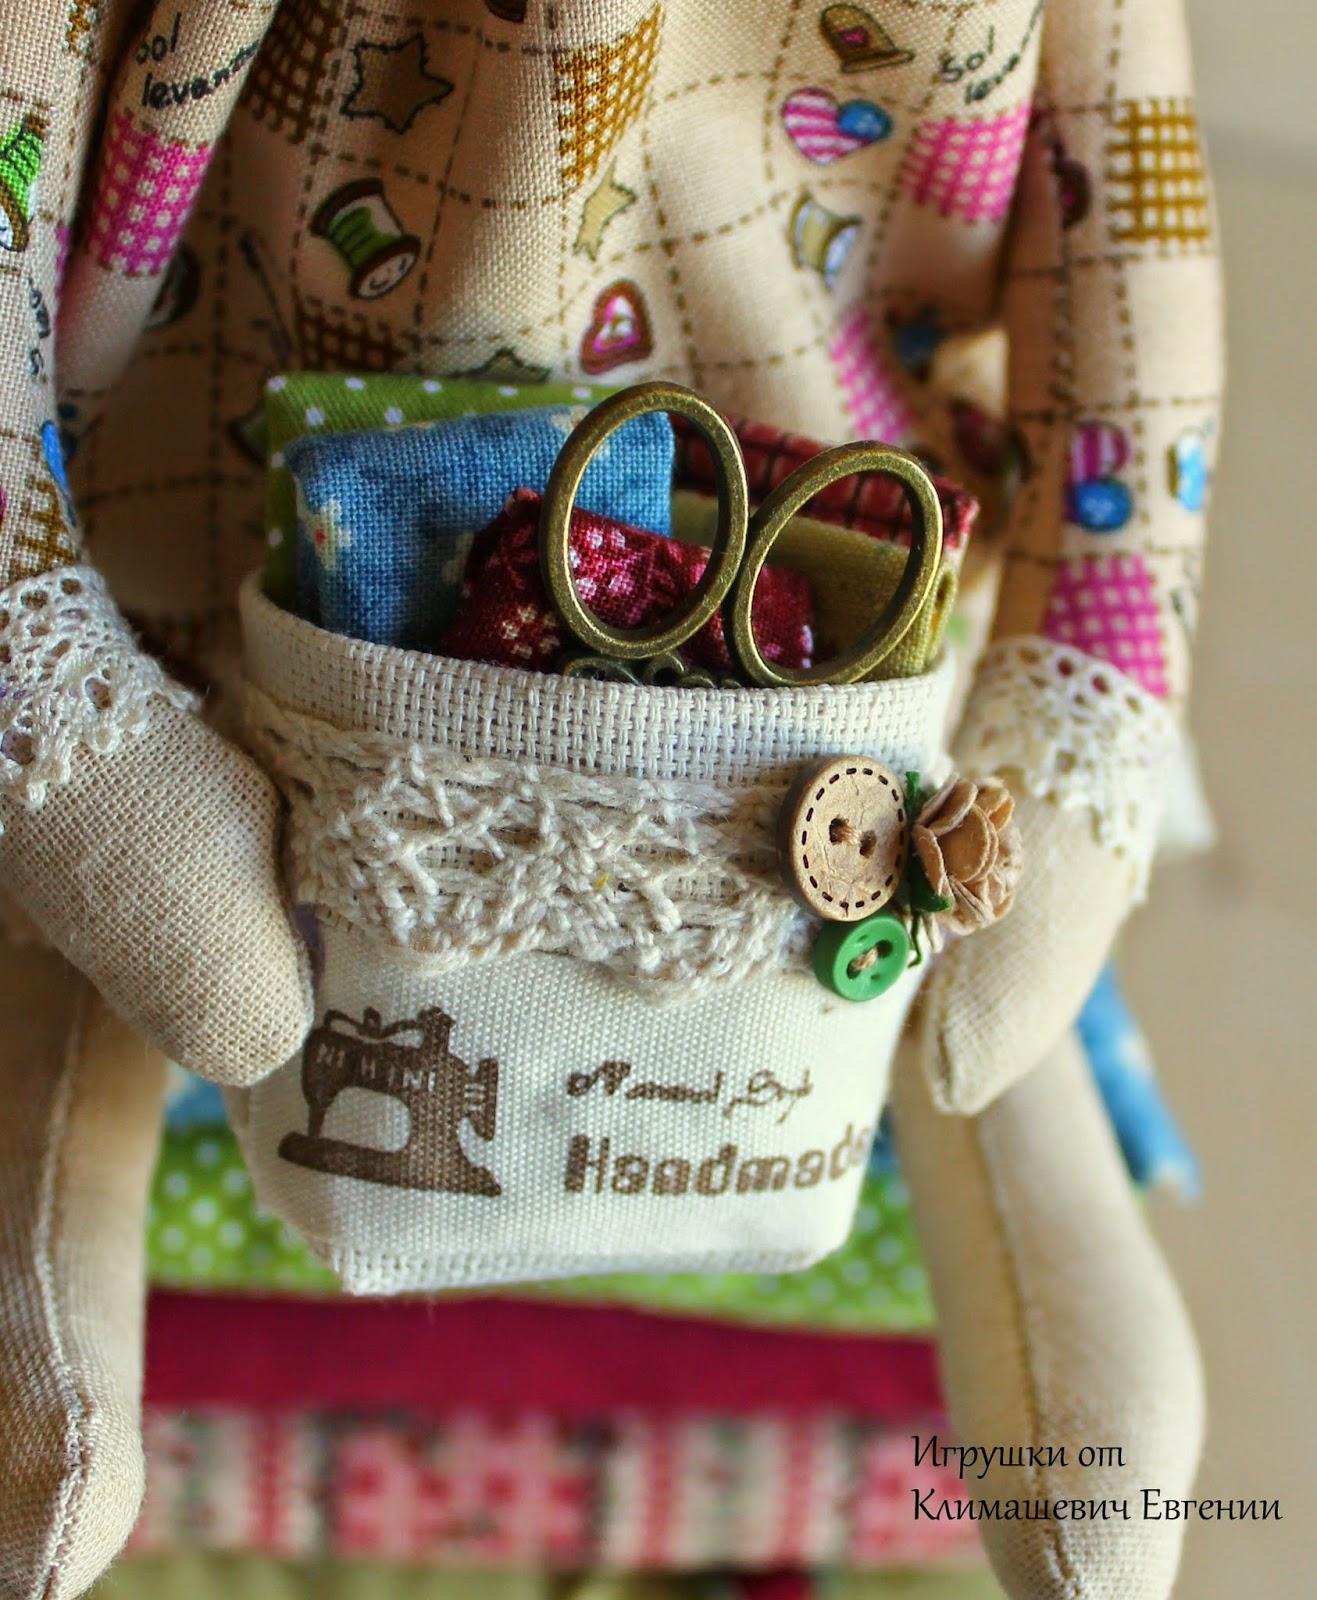 Принцесса, принцесса на горошине, принцесса рукодельница, кукла, кукла тильда, тильда, тильда принцесса, тильда ангел, ангел, тильда фея, фея, рукоделие, подарок для рукодельницы, авторская кукла, подарок для швеи, швея,